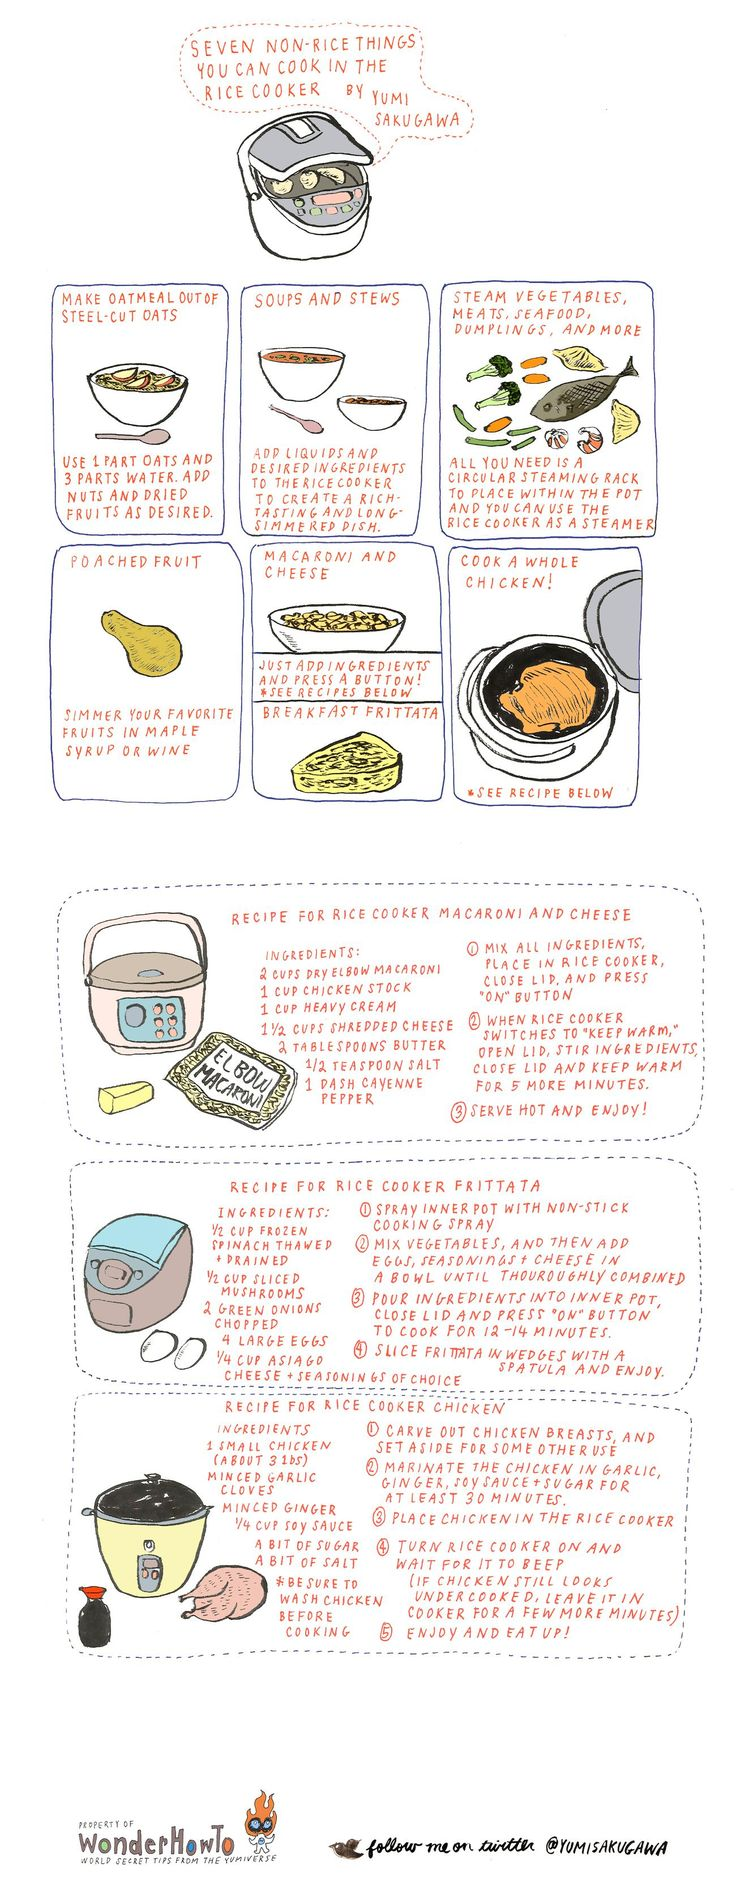 Best 20+ Aroma Rice Cooker Ideas On Pinterest  Rice Cooker Steamer, Rice  Cooker Recipes And Rice Maker